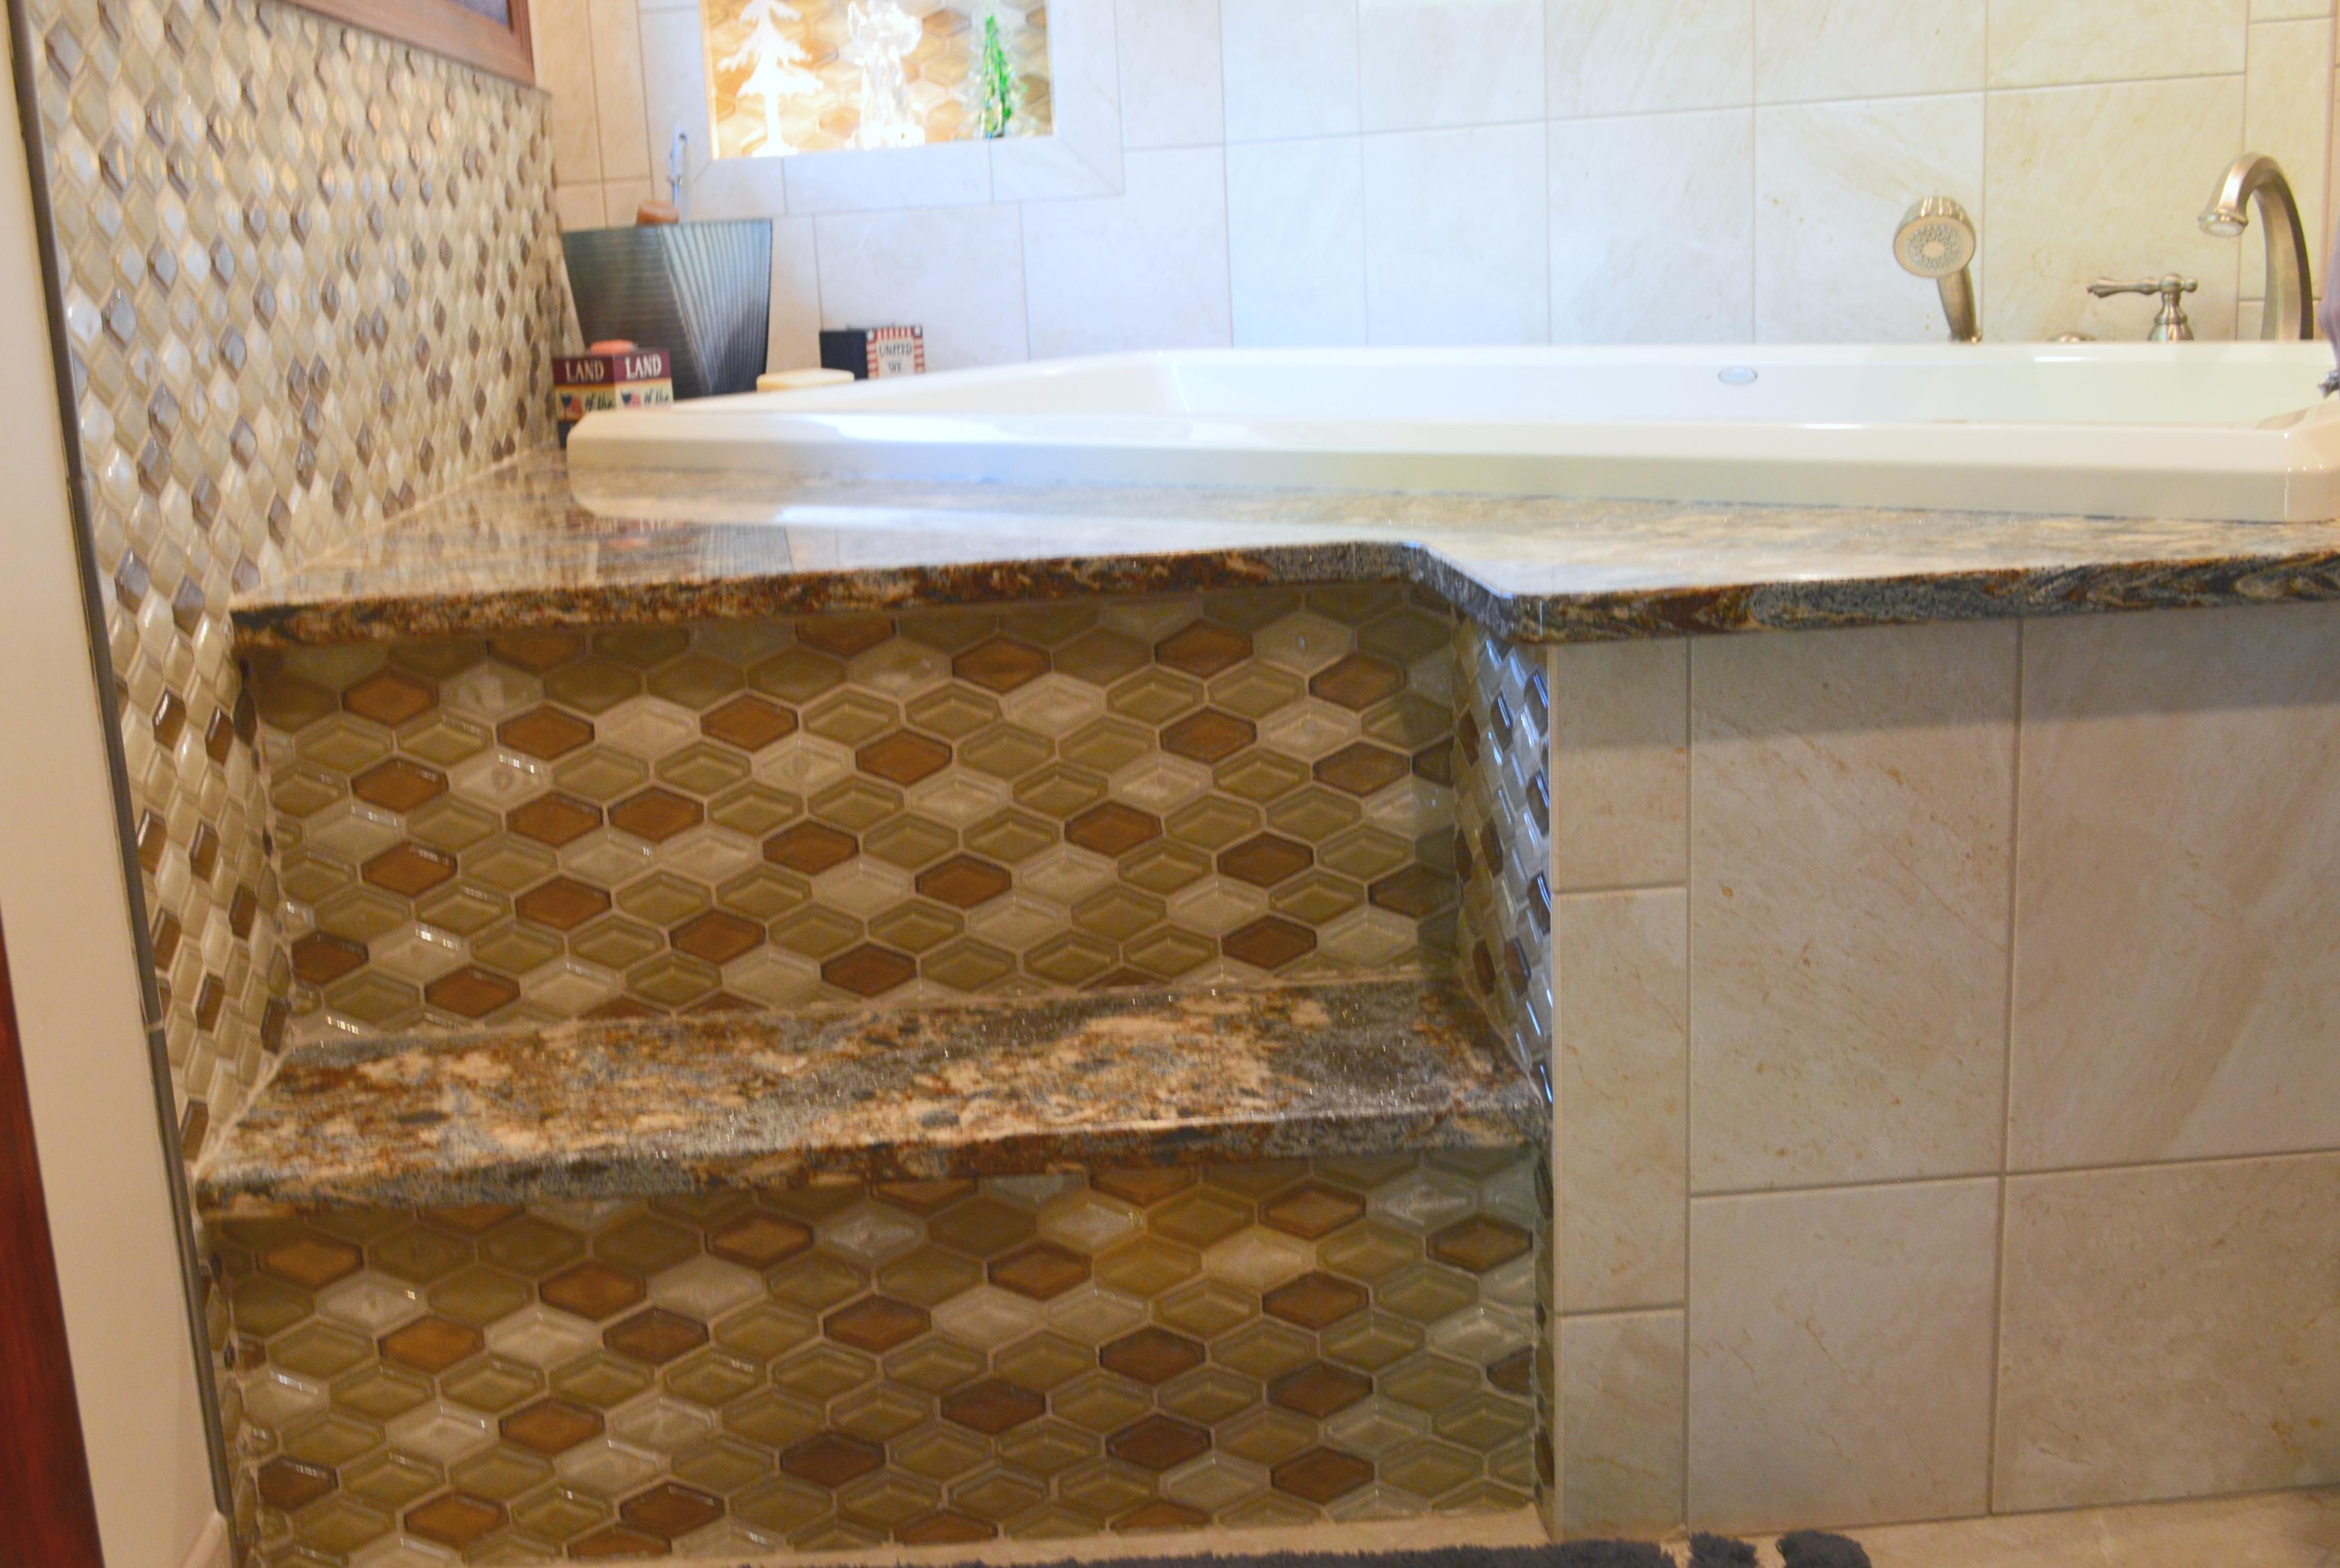 Exquisite Bathroom Remodel 9NP